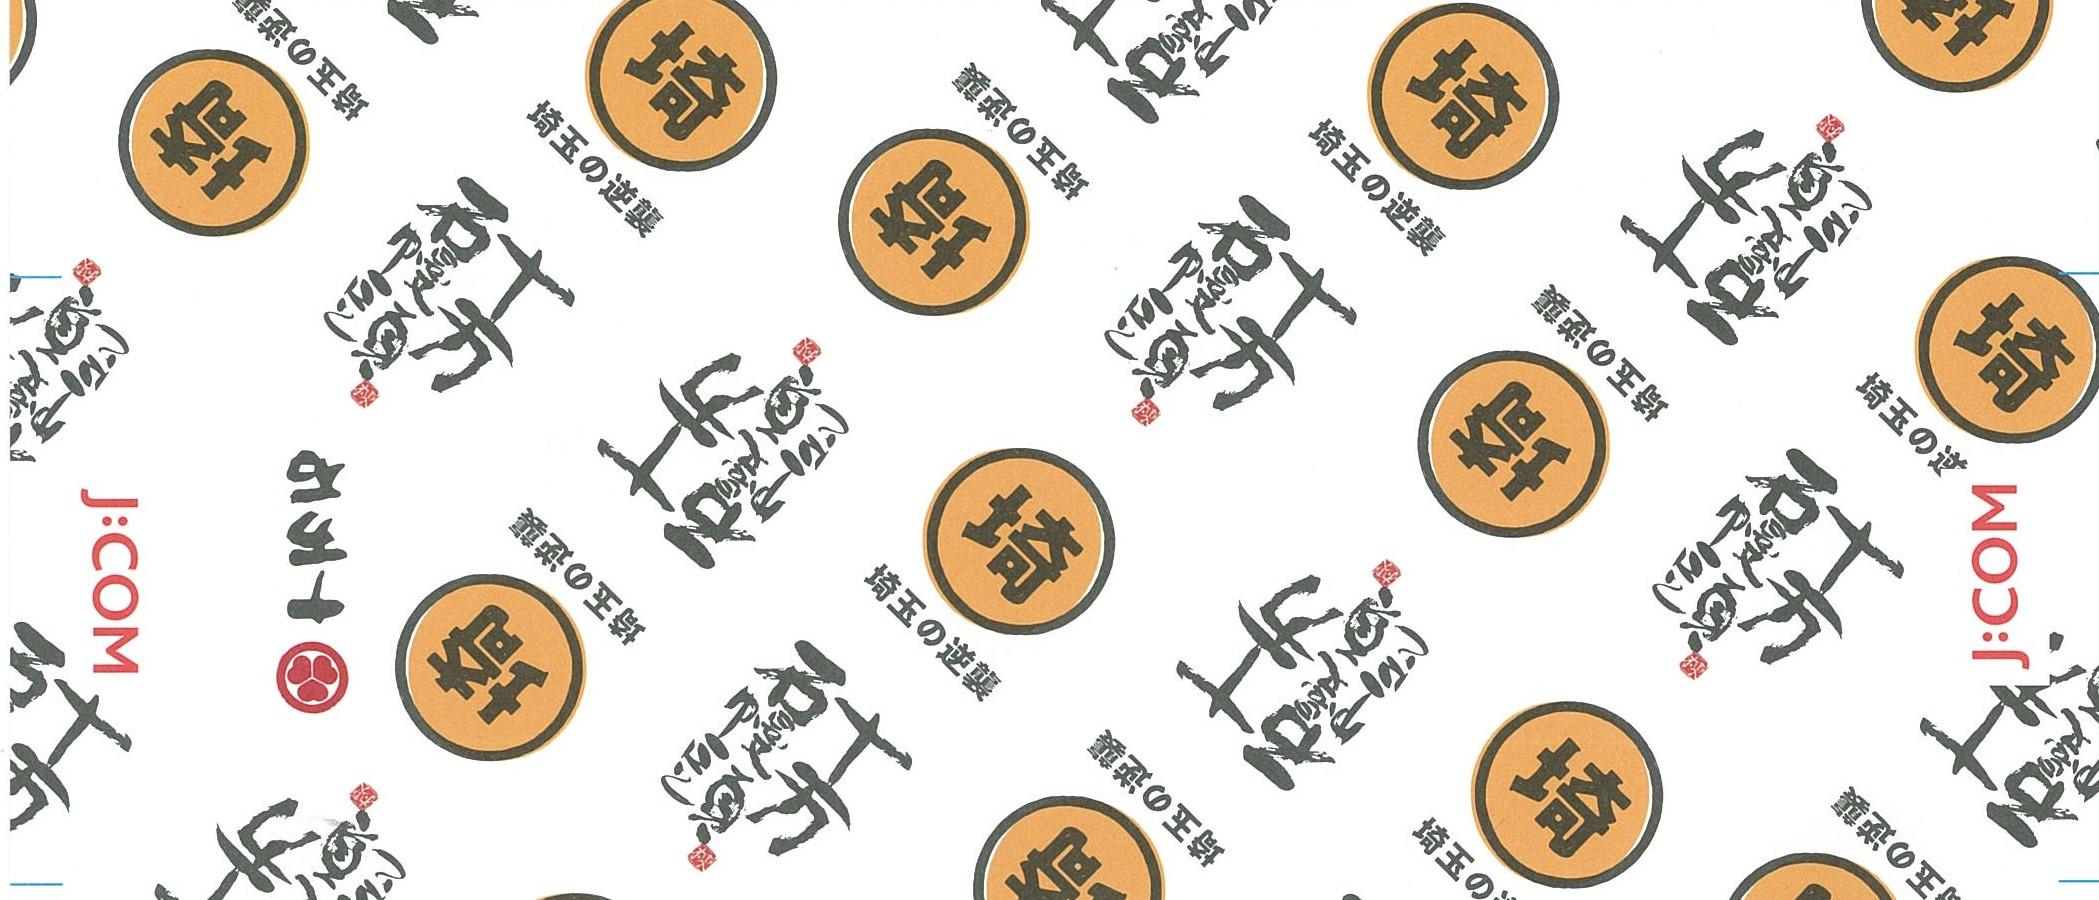 LOVE埼玉チャンネルで埼玉の逆襲まんじゅう(ランキング #26-1 )が紹介されました。 イメージ